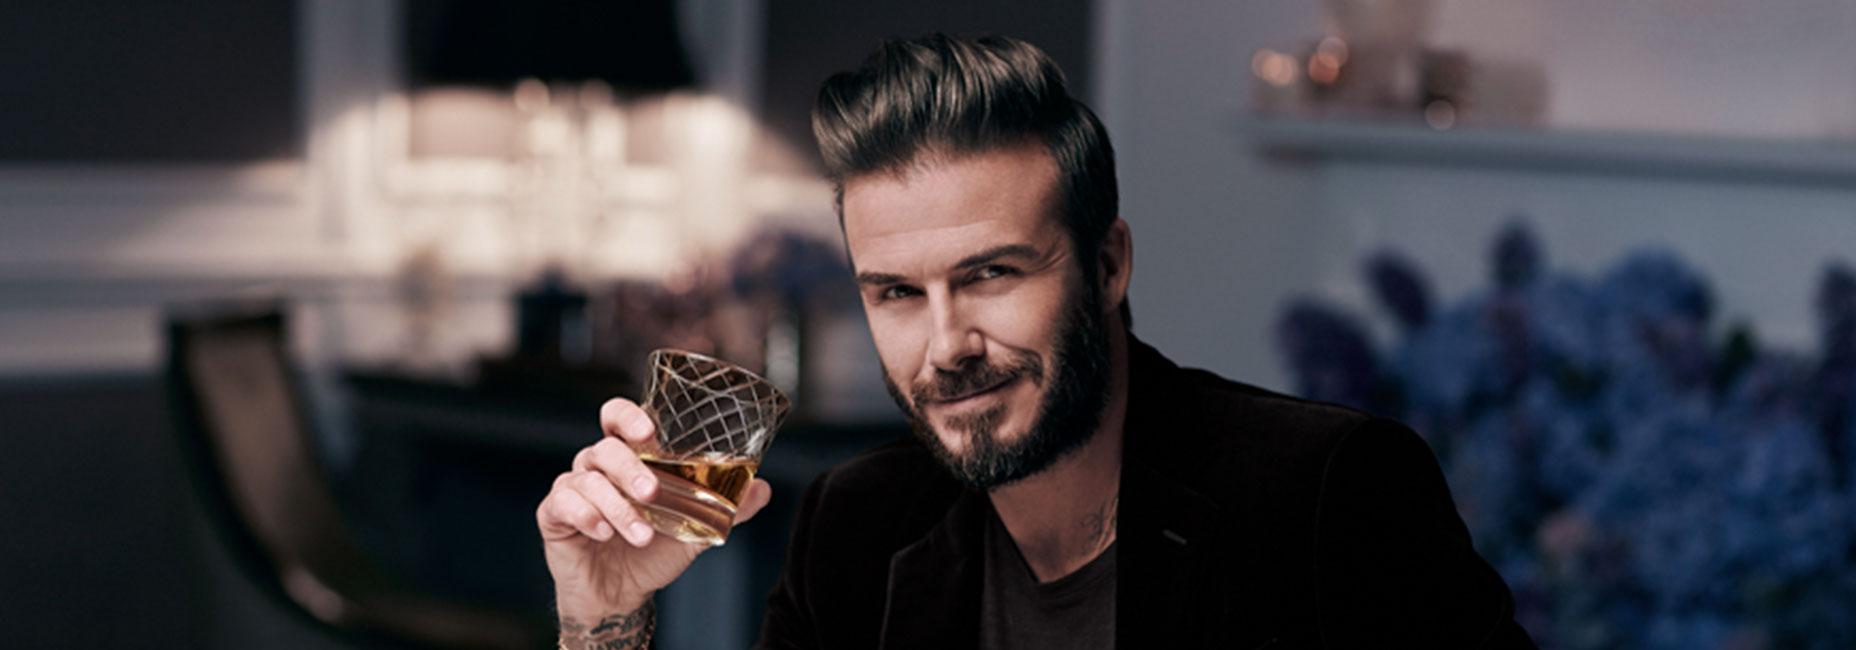 3 celebridades que tienen su propia marca de whisky y no lo sabías